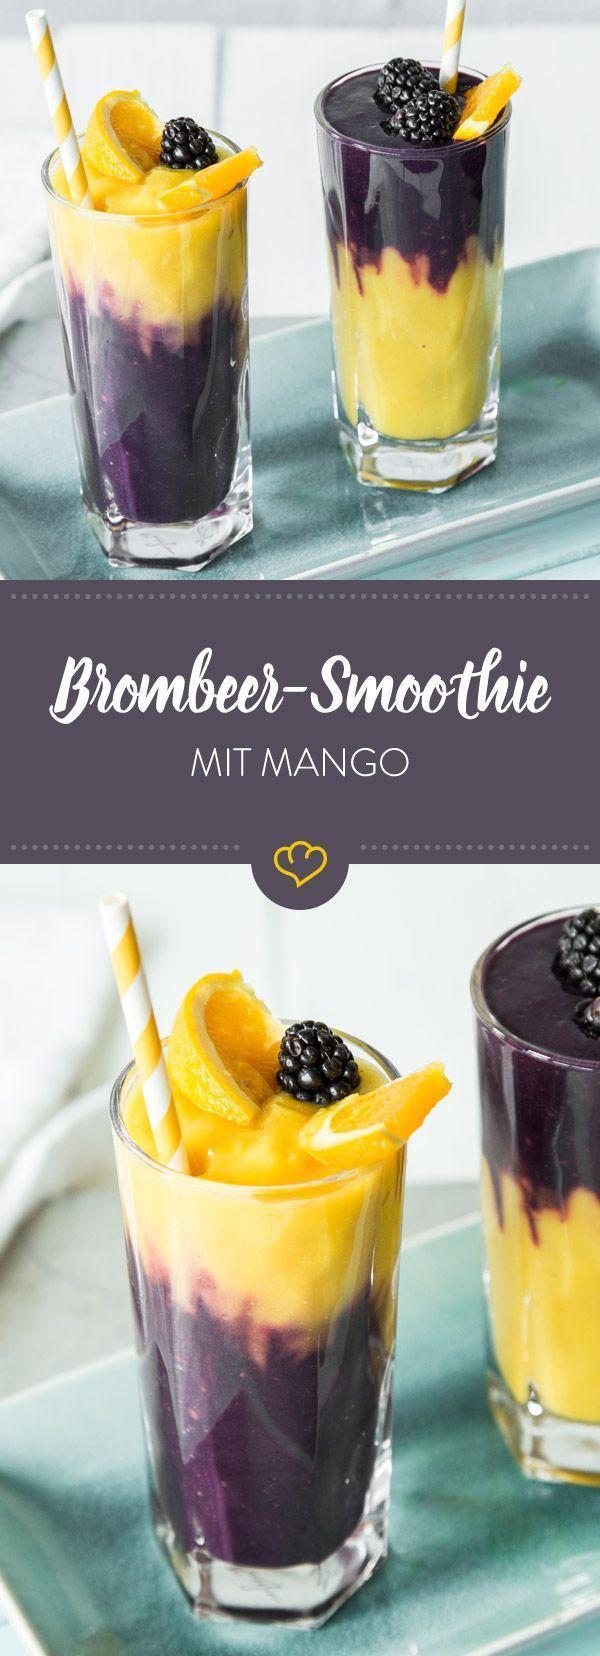 Hawaiianischer Brombeer-Mango-Smoothie – Hausmittel Ernährung und Fitness